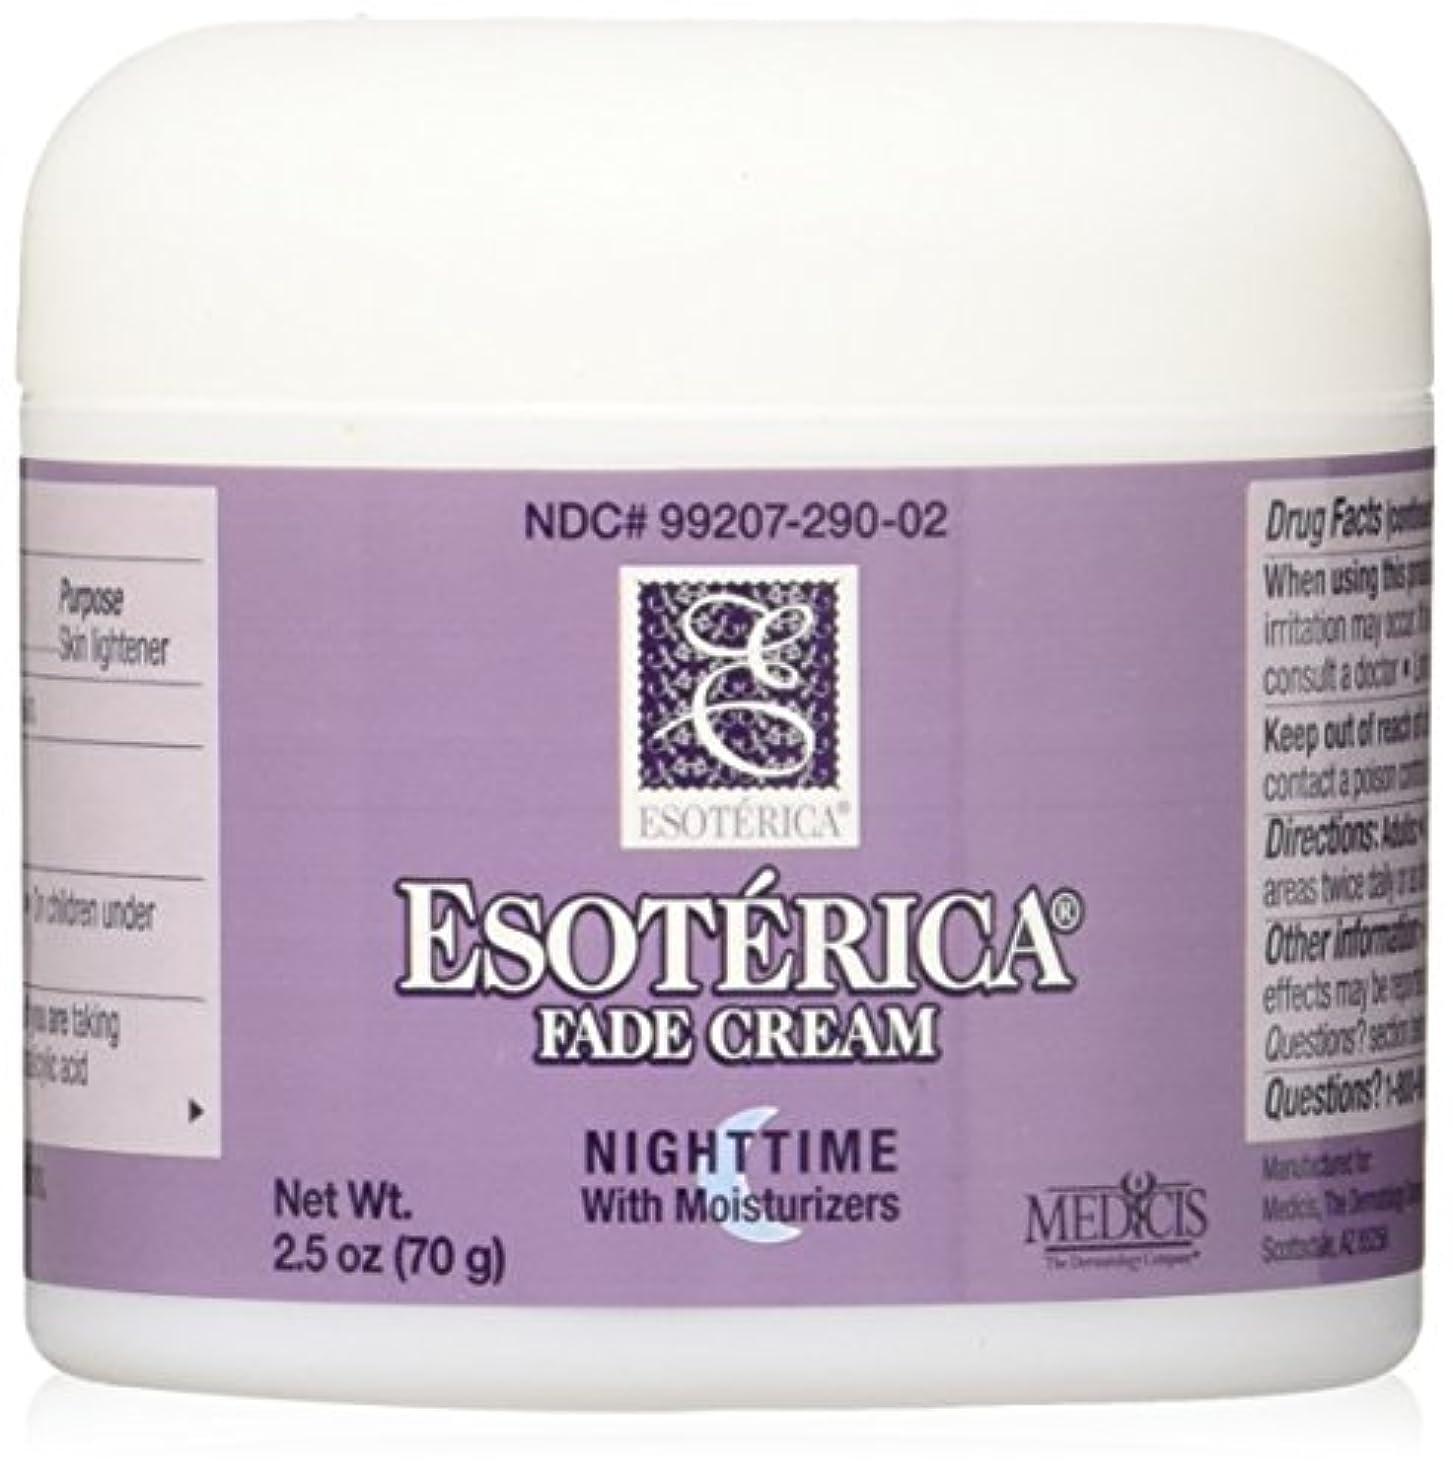 推測する請う広大な海外直送品Esoterica Fade Cream Nighttime With Moisturizers, 2.5 oz by Esoterica